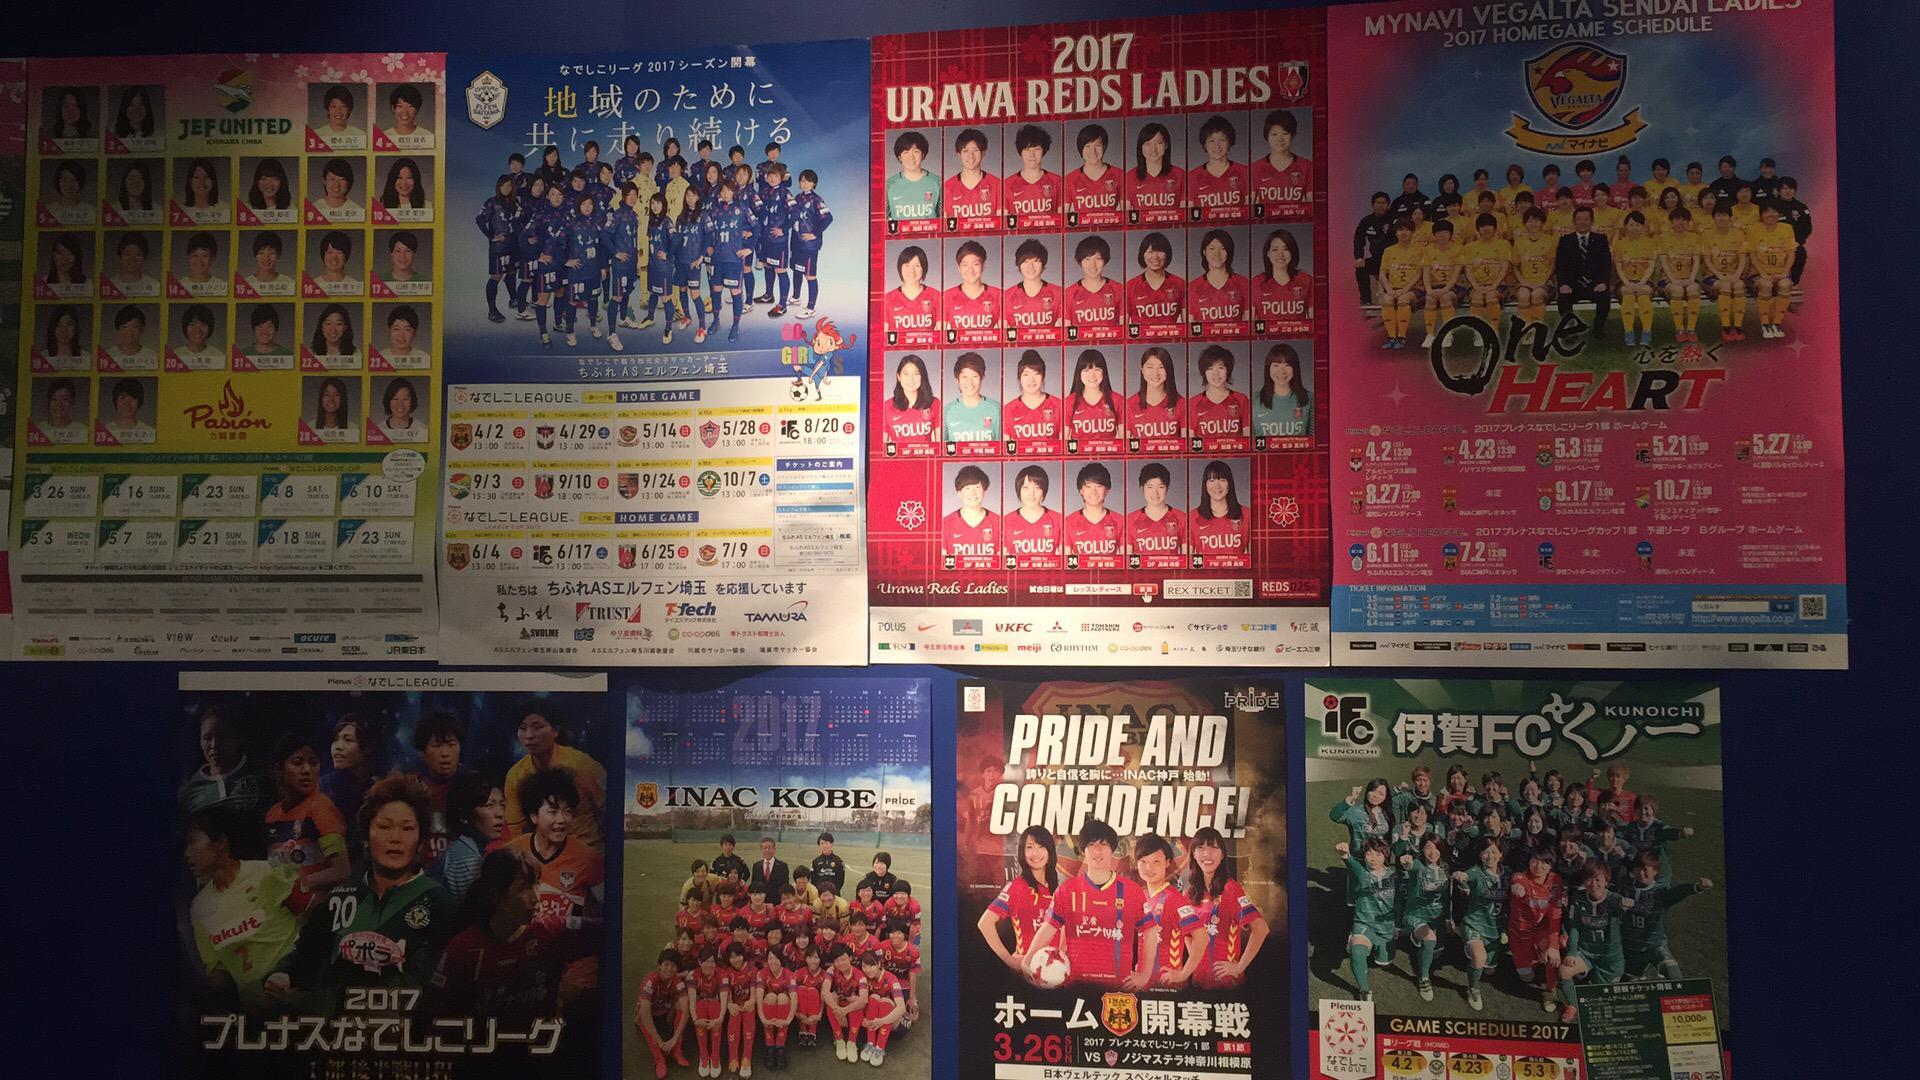 3万PK598人!看了这个数字才知道,为啥日本女人能抢走中国的亚洲冠军